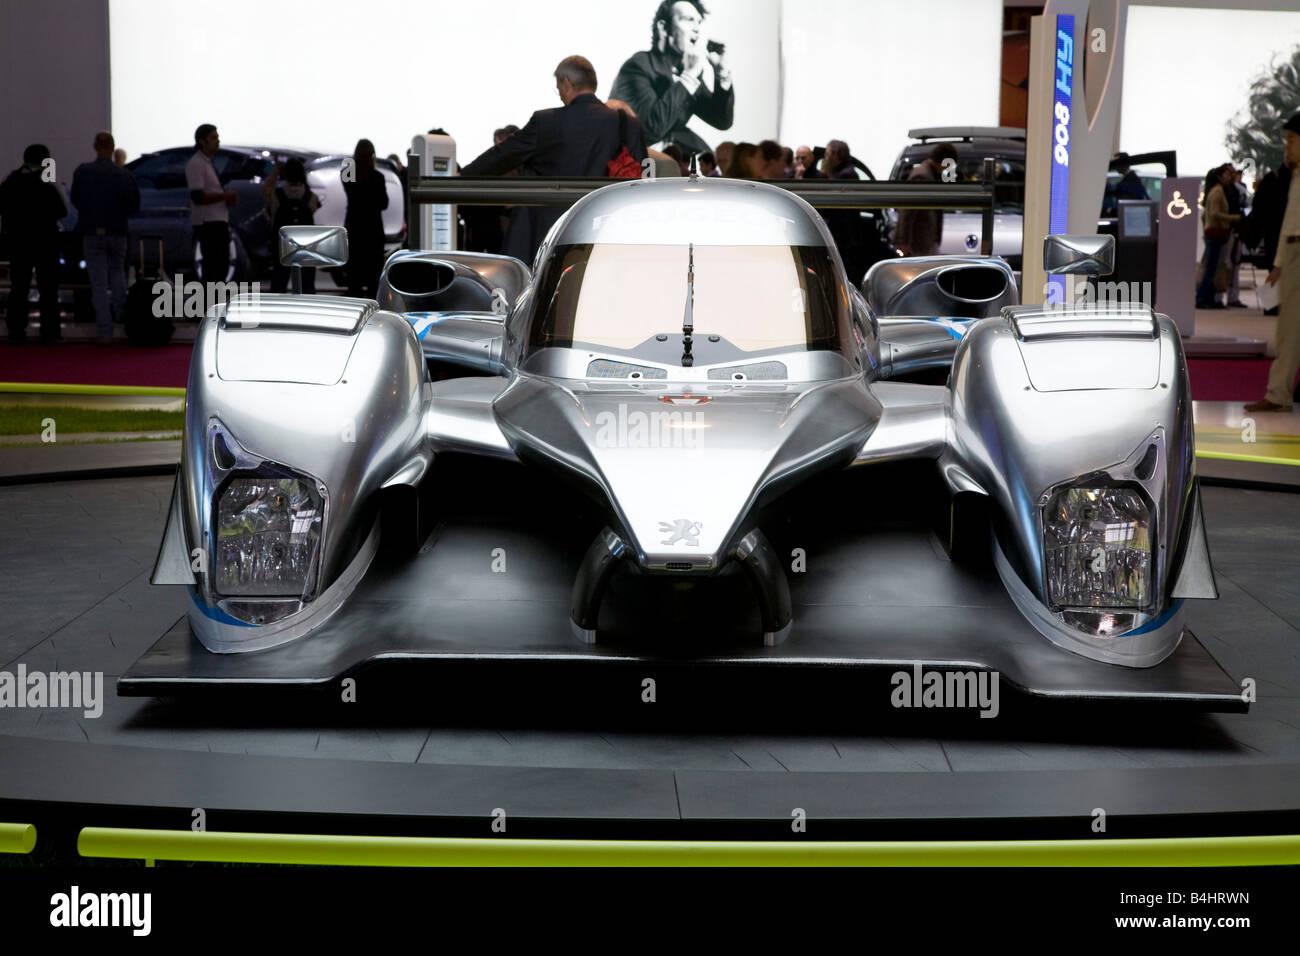 Peugeot Racer. The Mondial de l'Automobile. - Stock Image